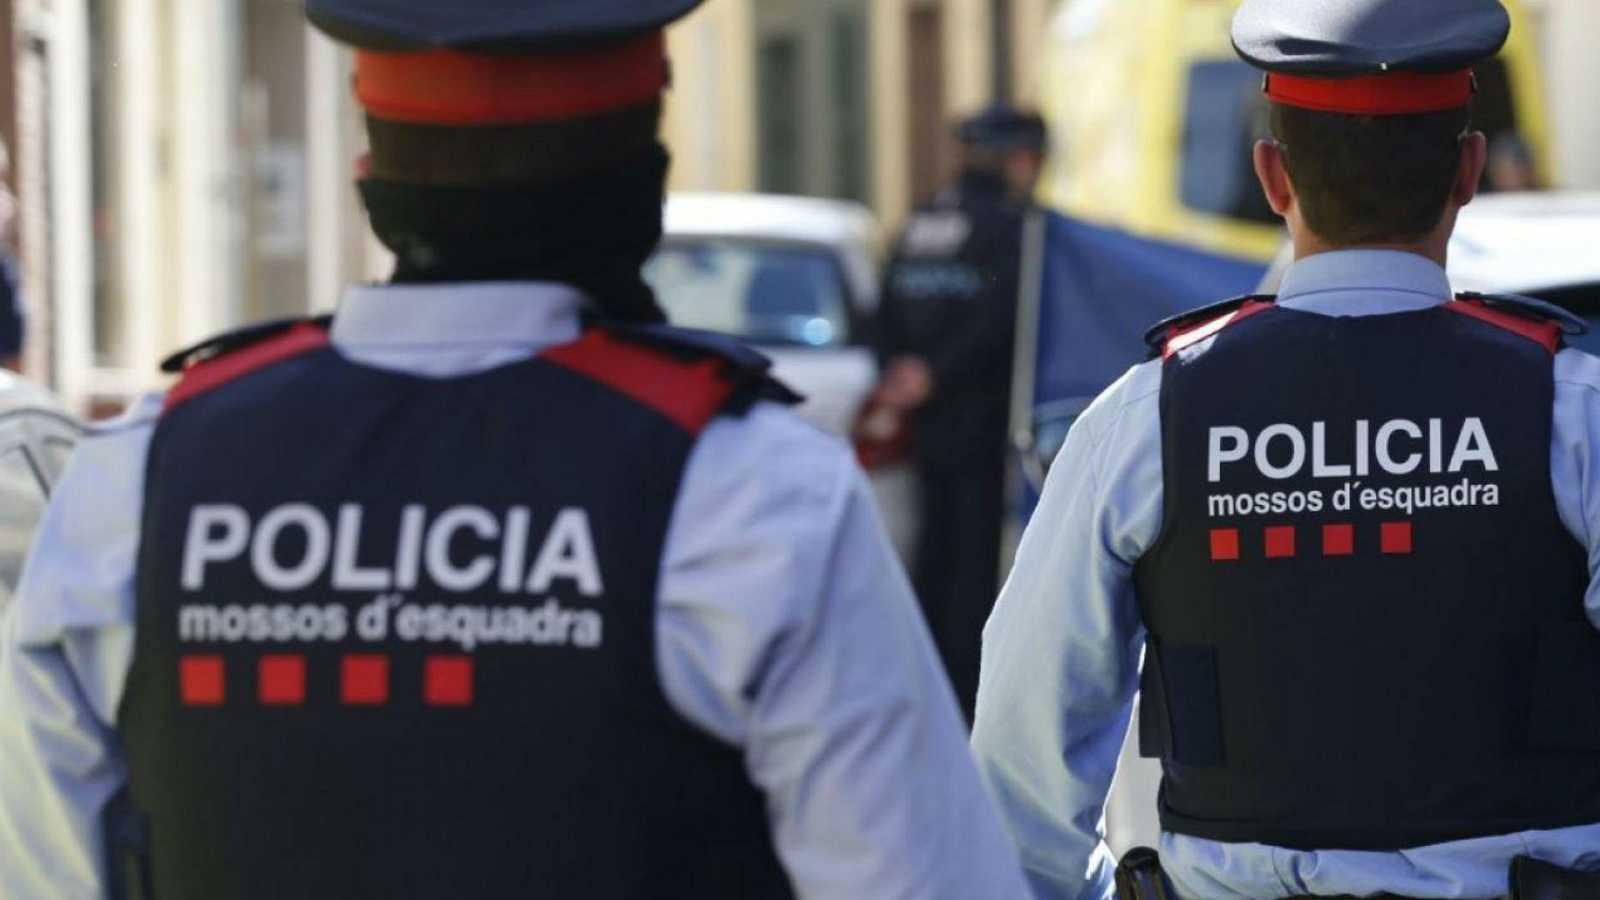 Edició Vespre - Minut de silenci a Porqueres en rebuig per l'assassinat masclista d'una dona